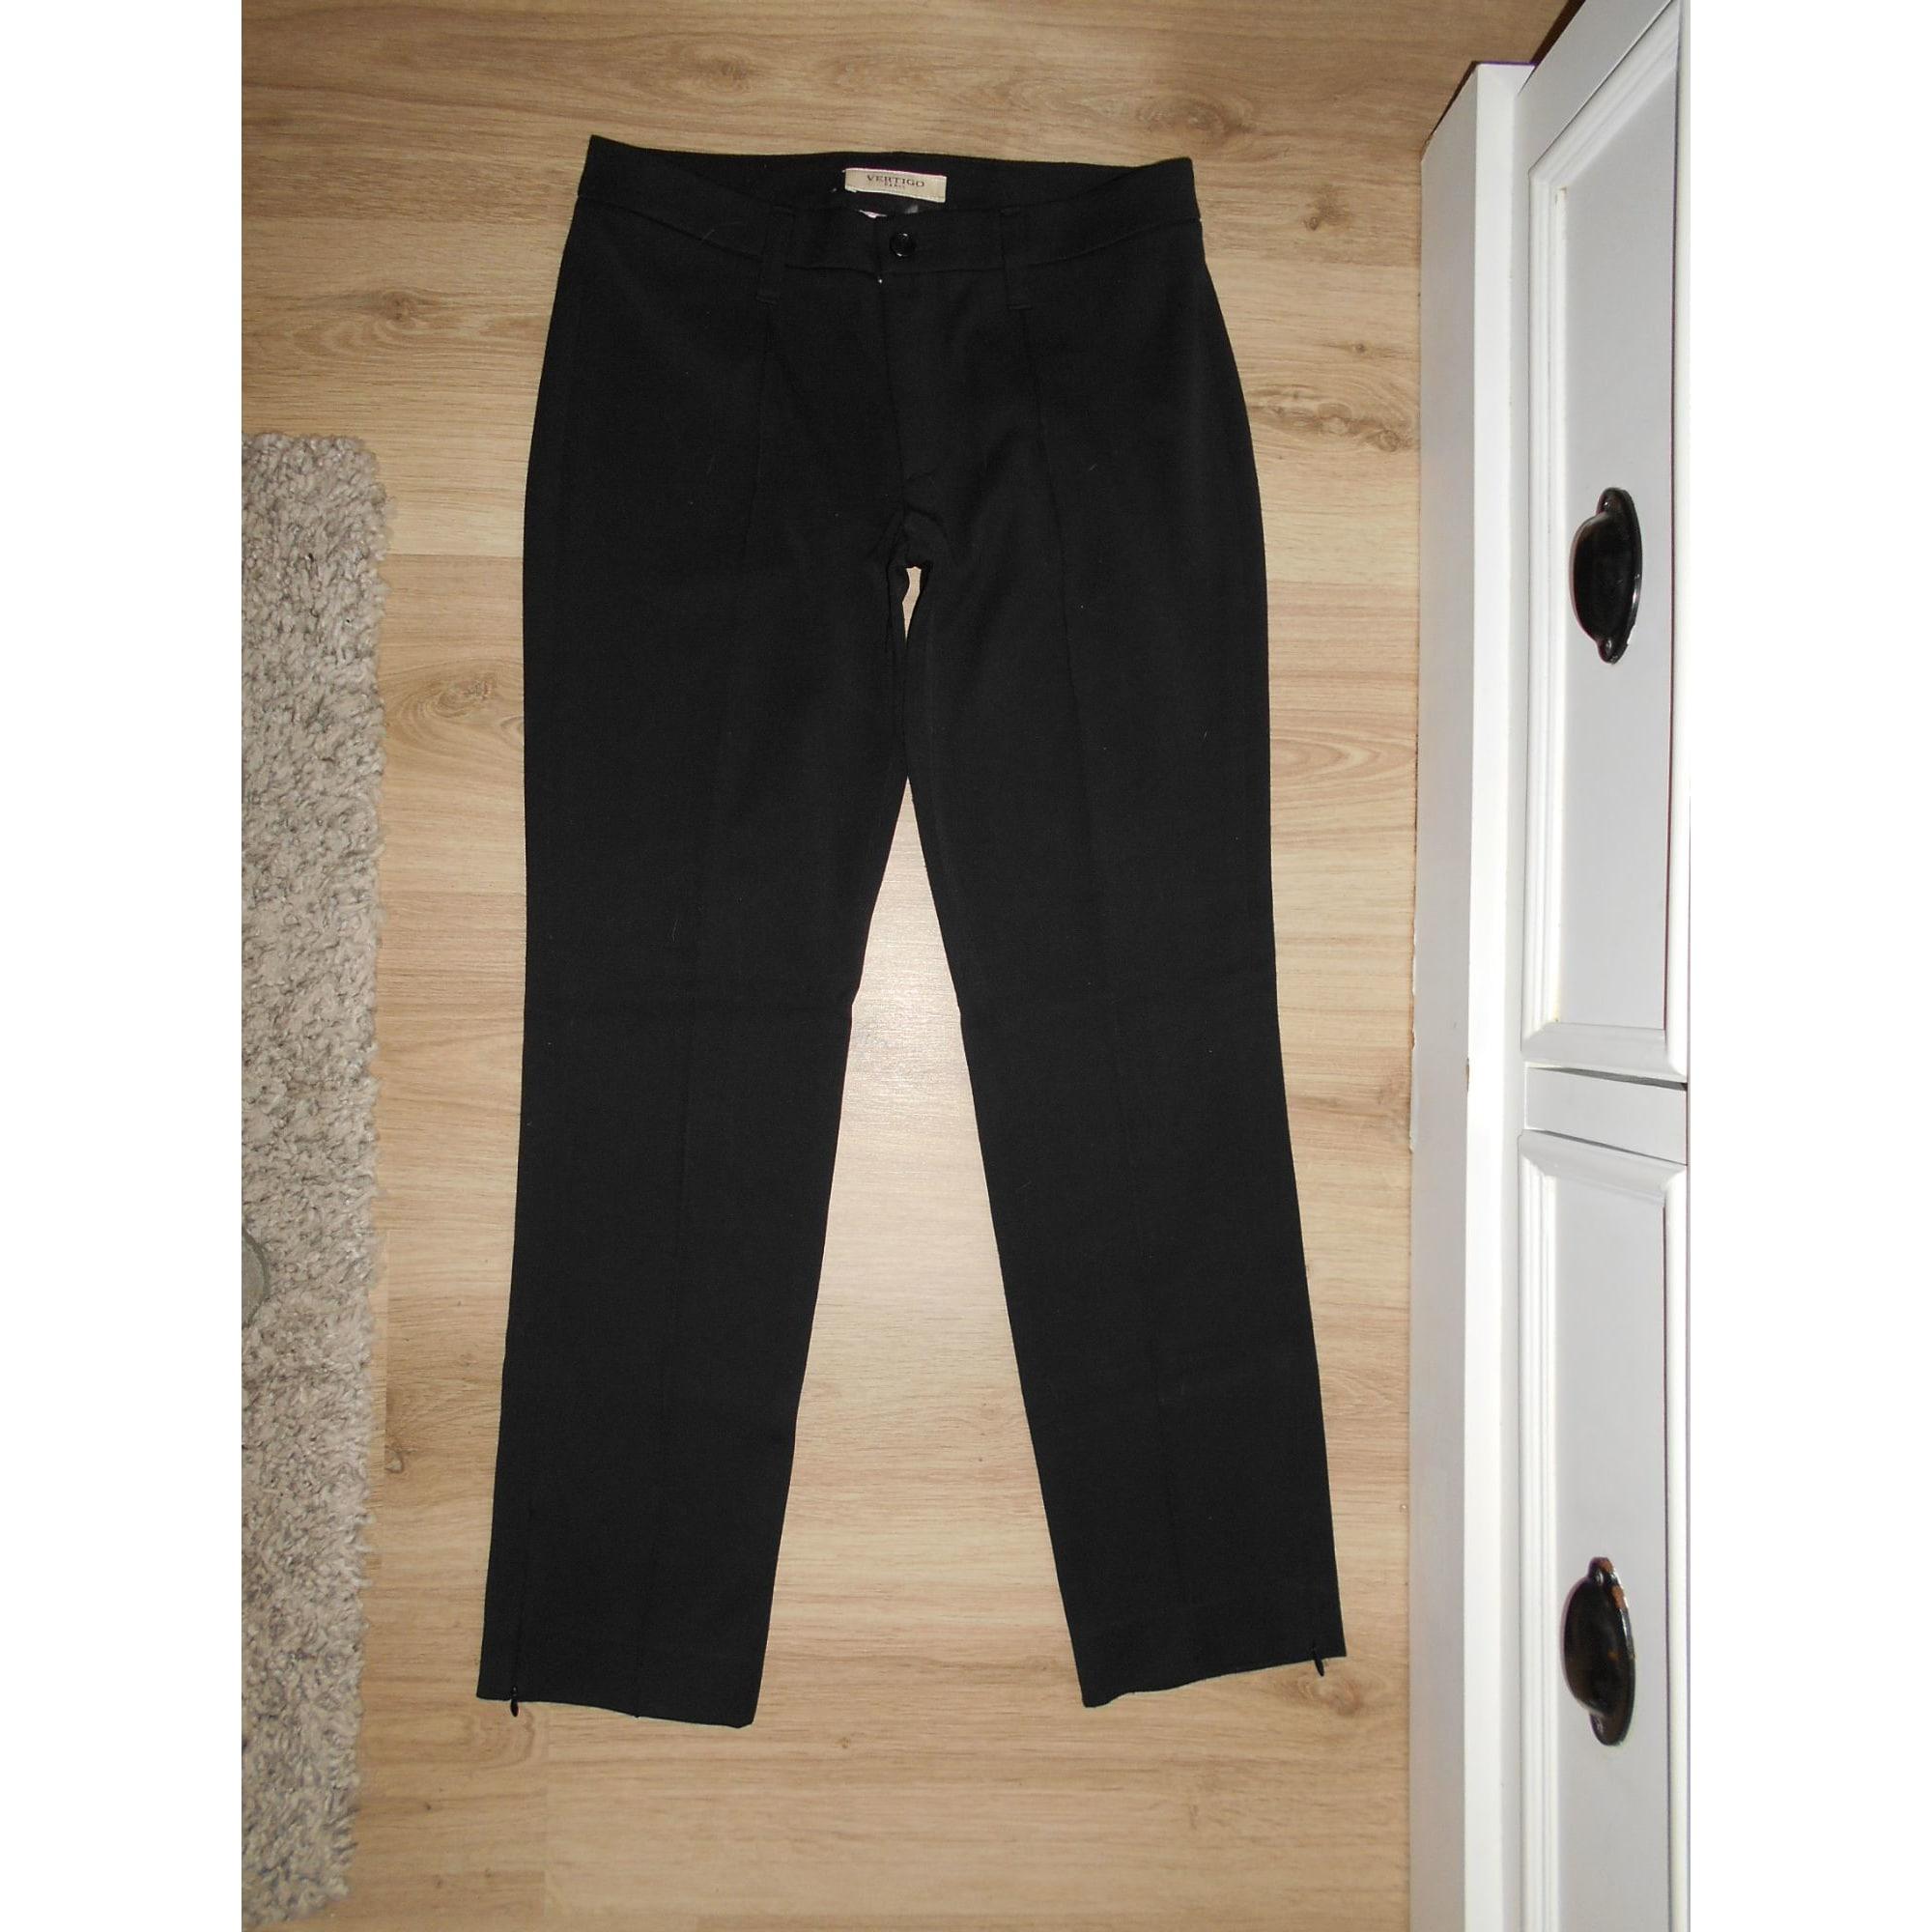 Pantalon slim, cigarette VERTIGO Noir